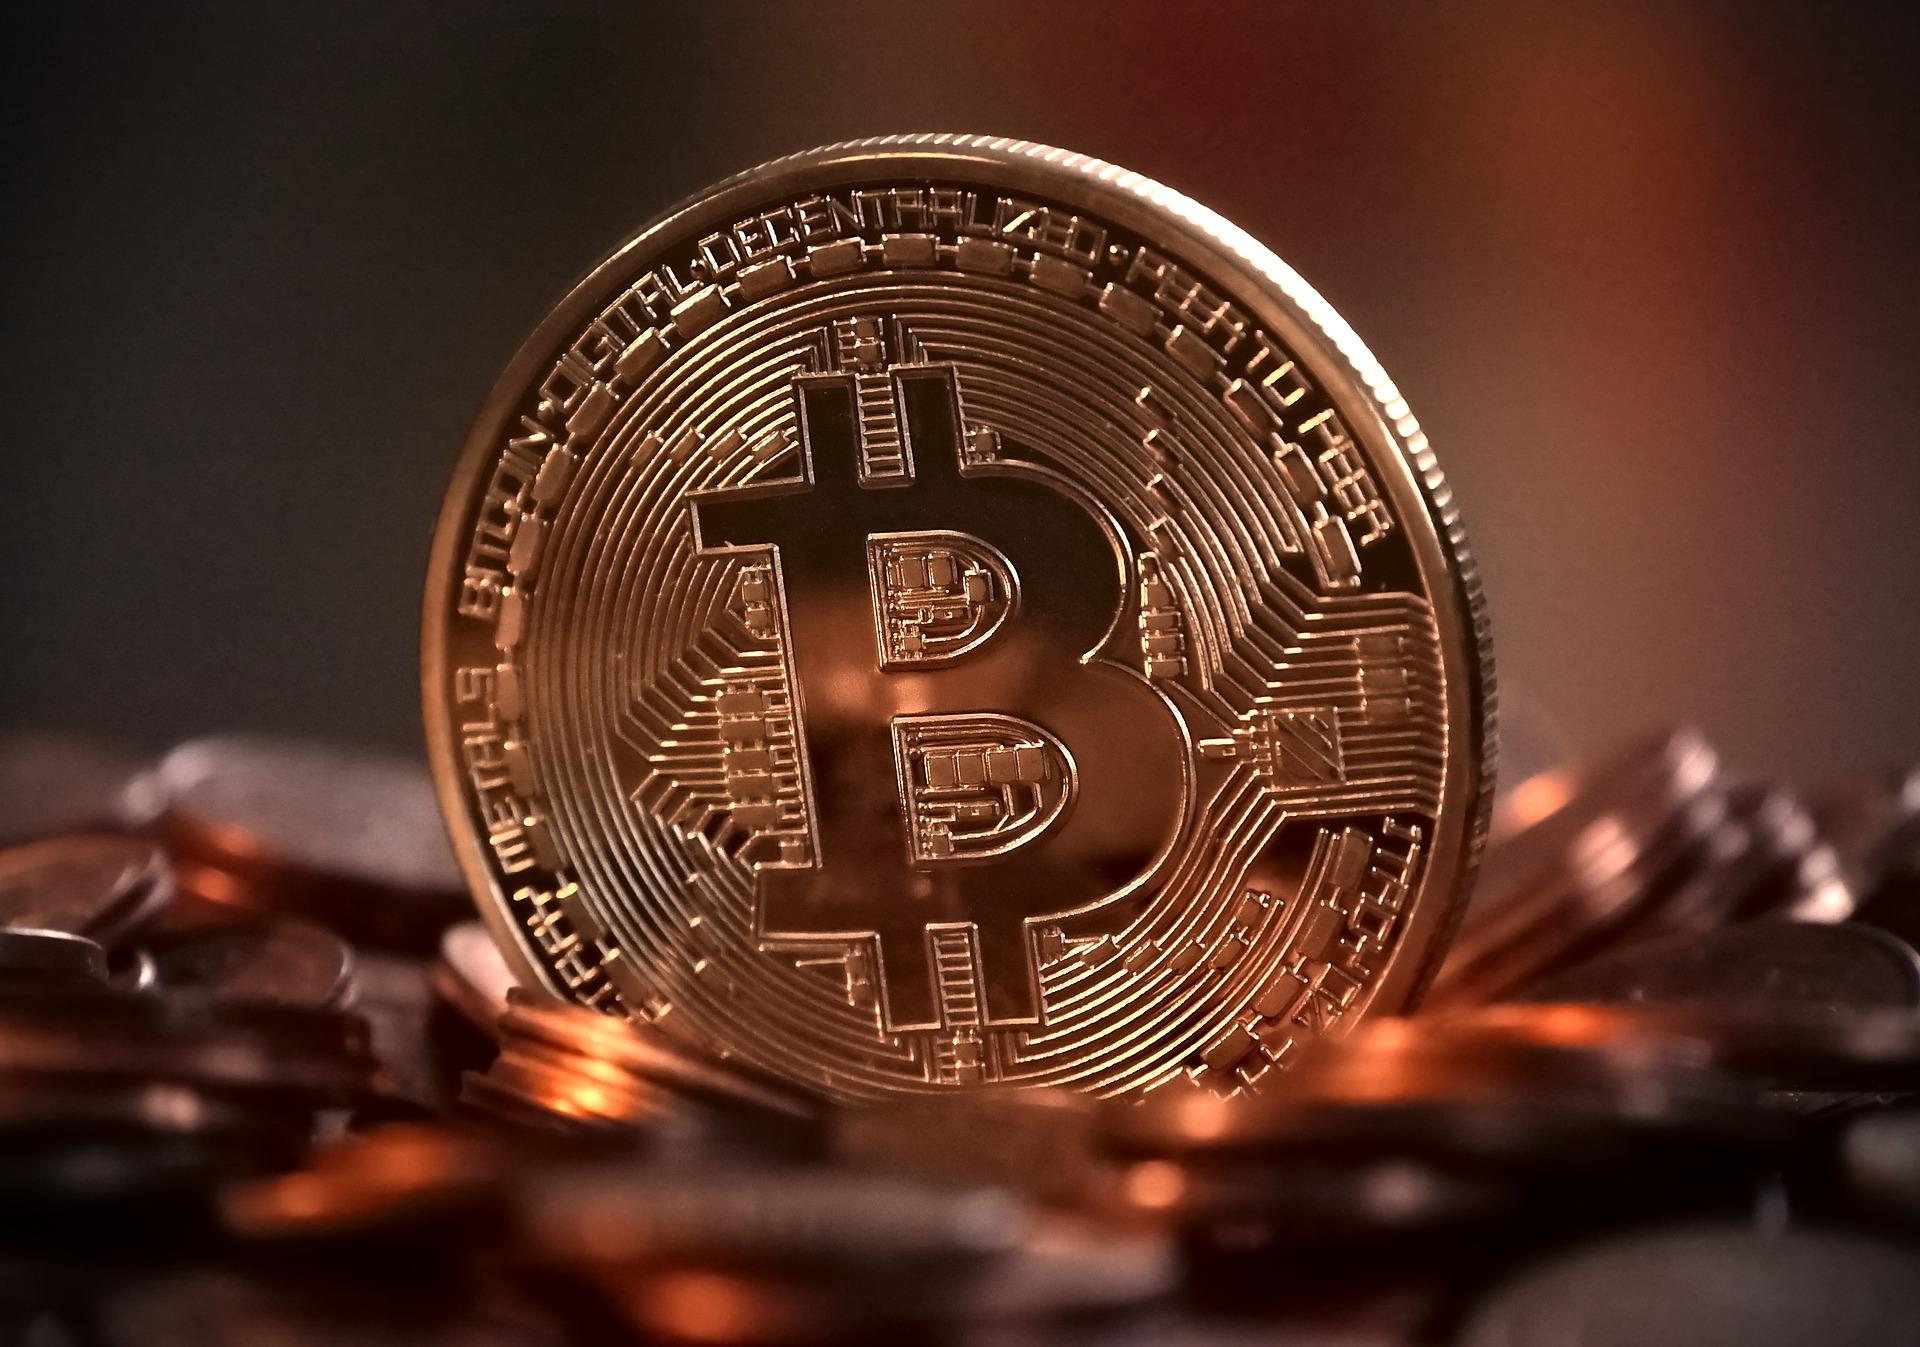 Bitkoin - valuta budućnosti